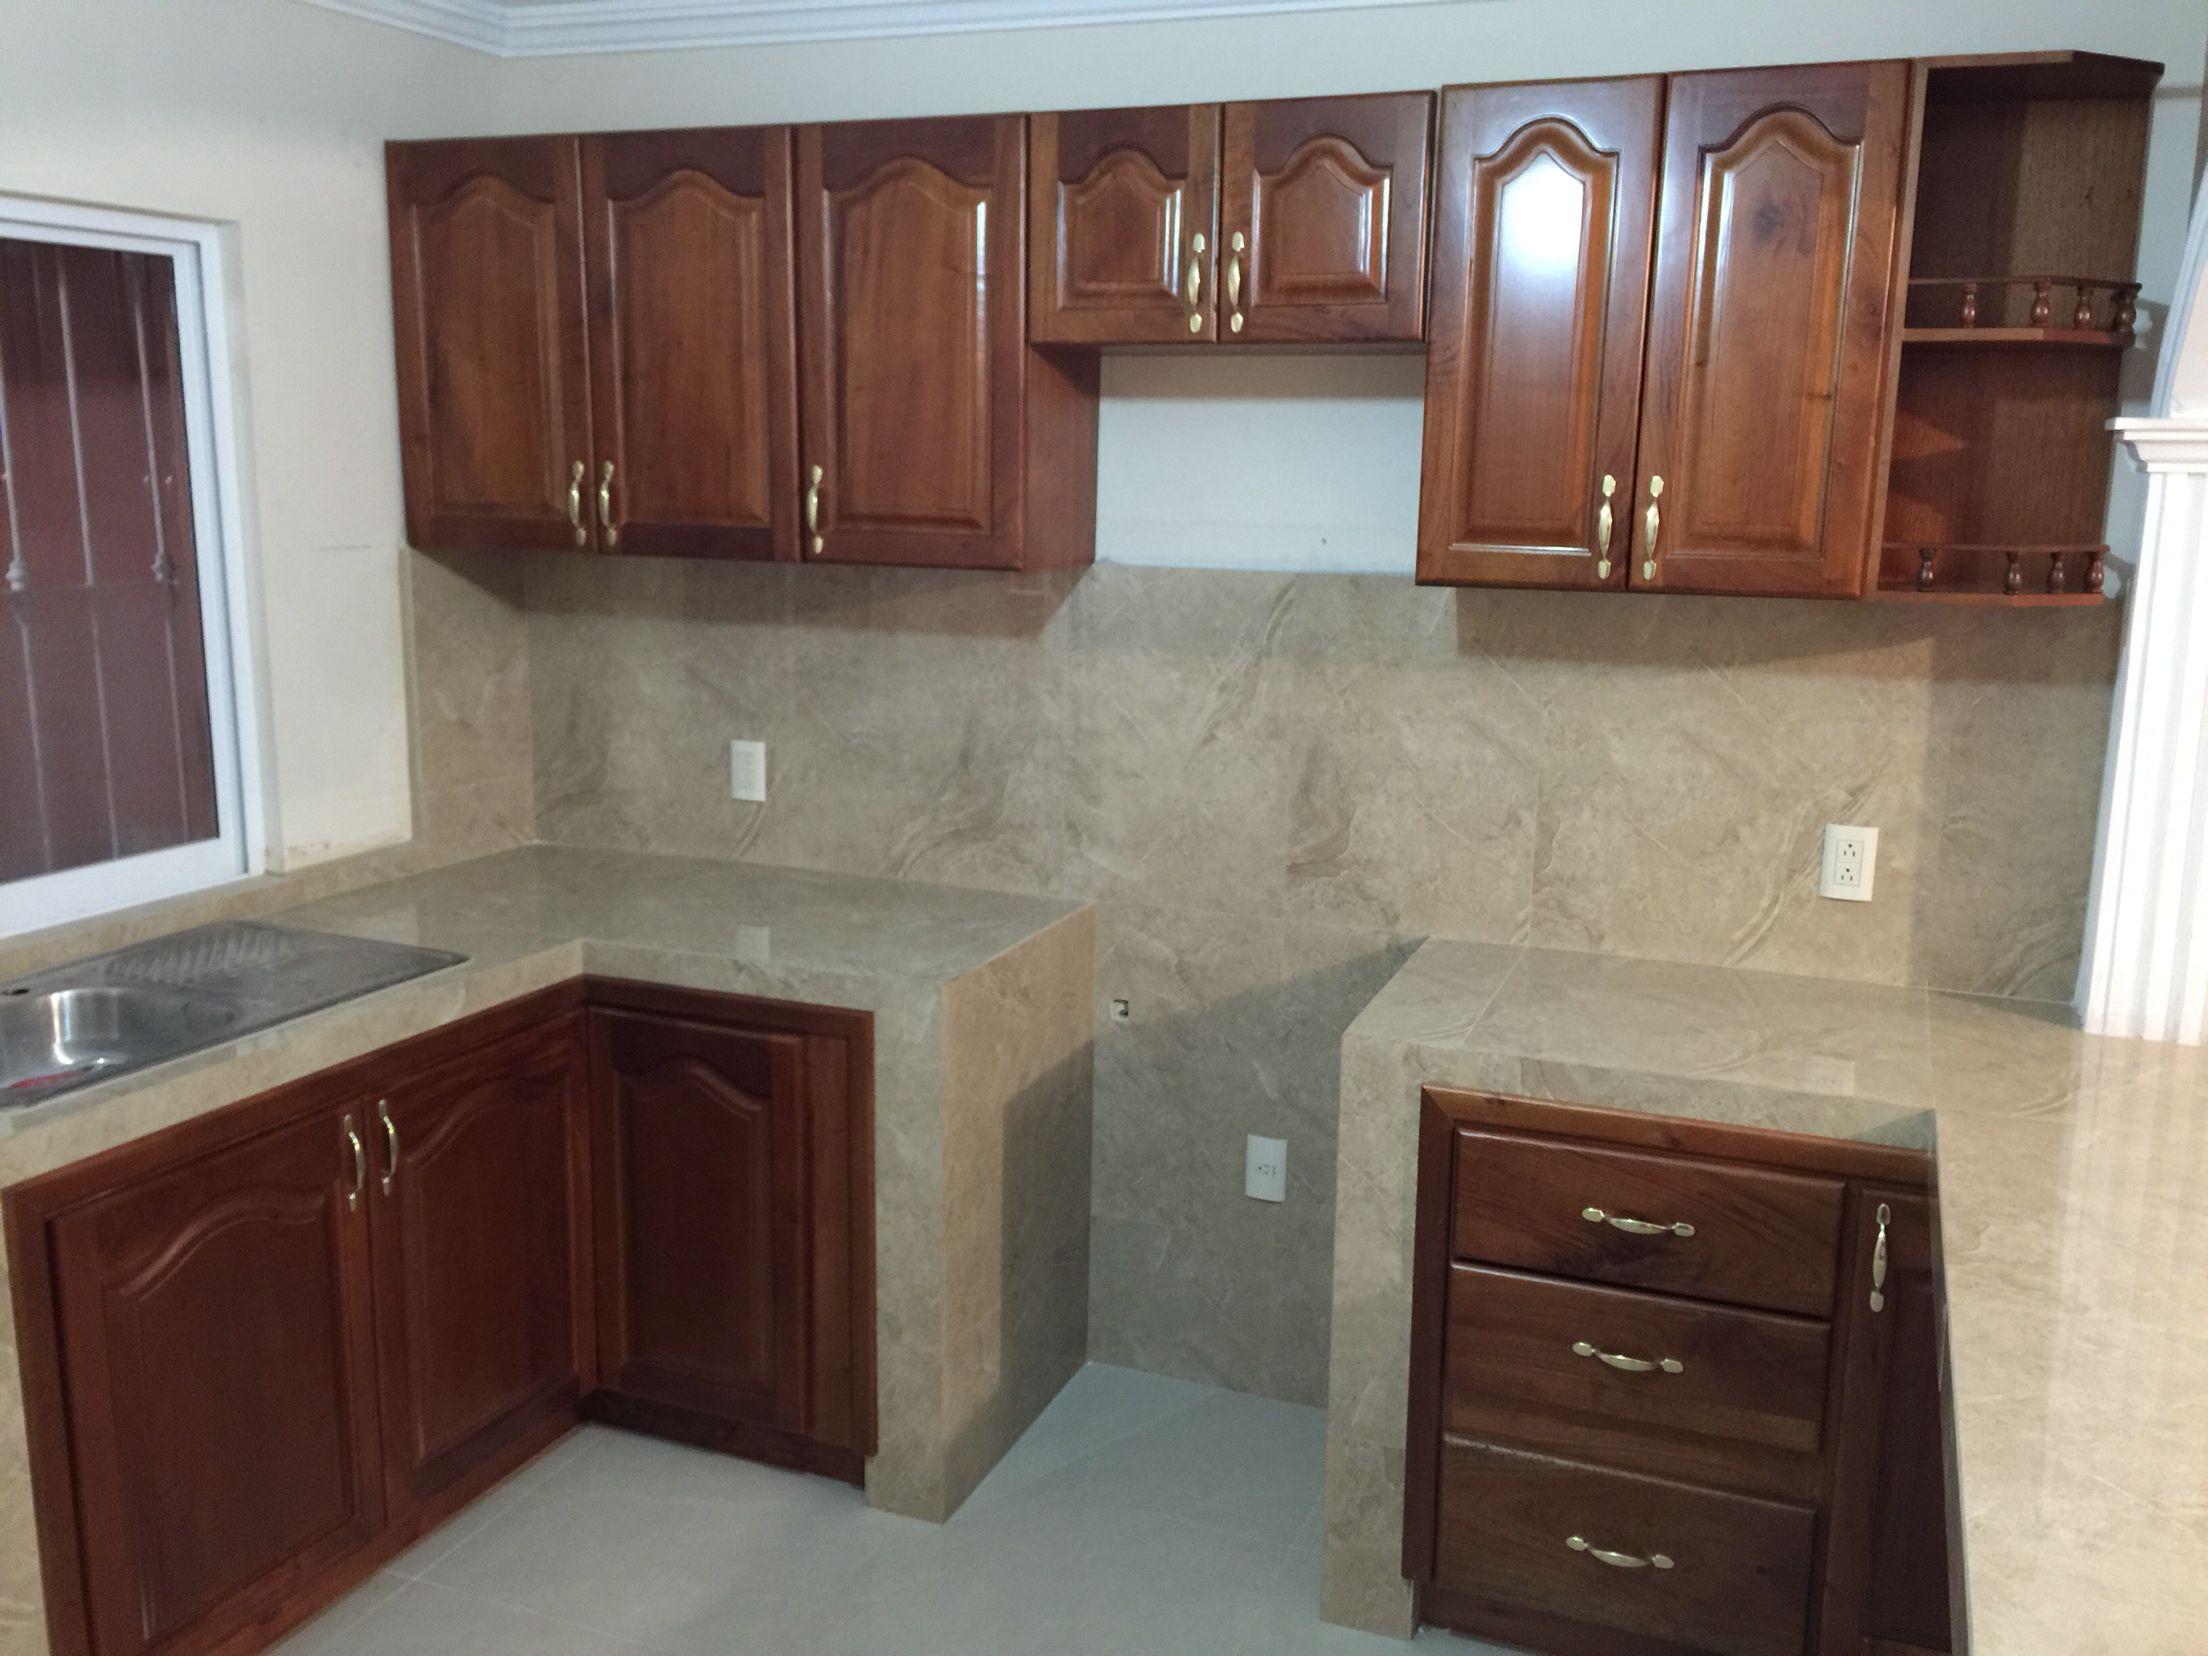 cocina integral en madera de cedro con puertas estilo